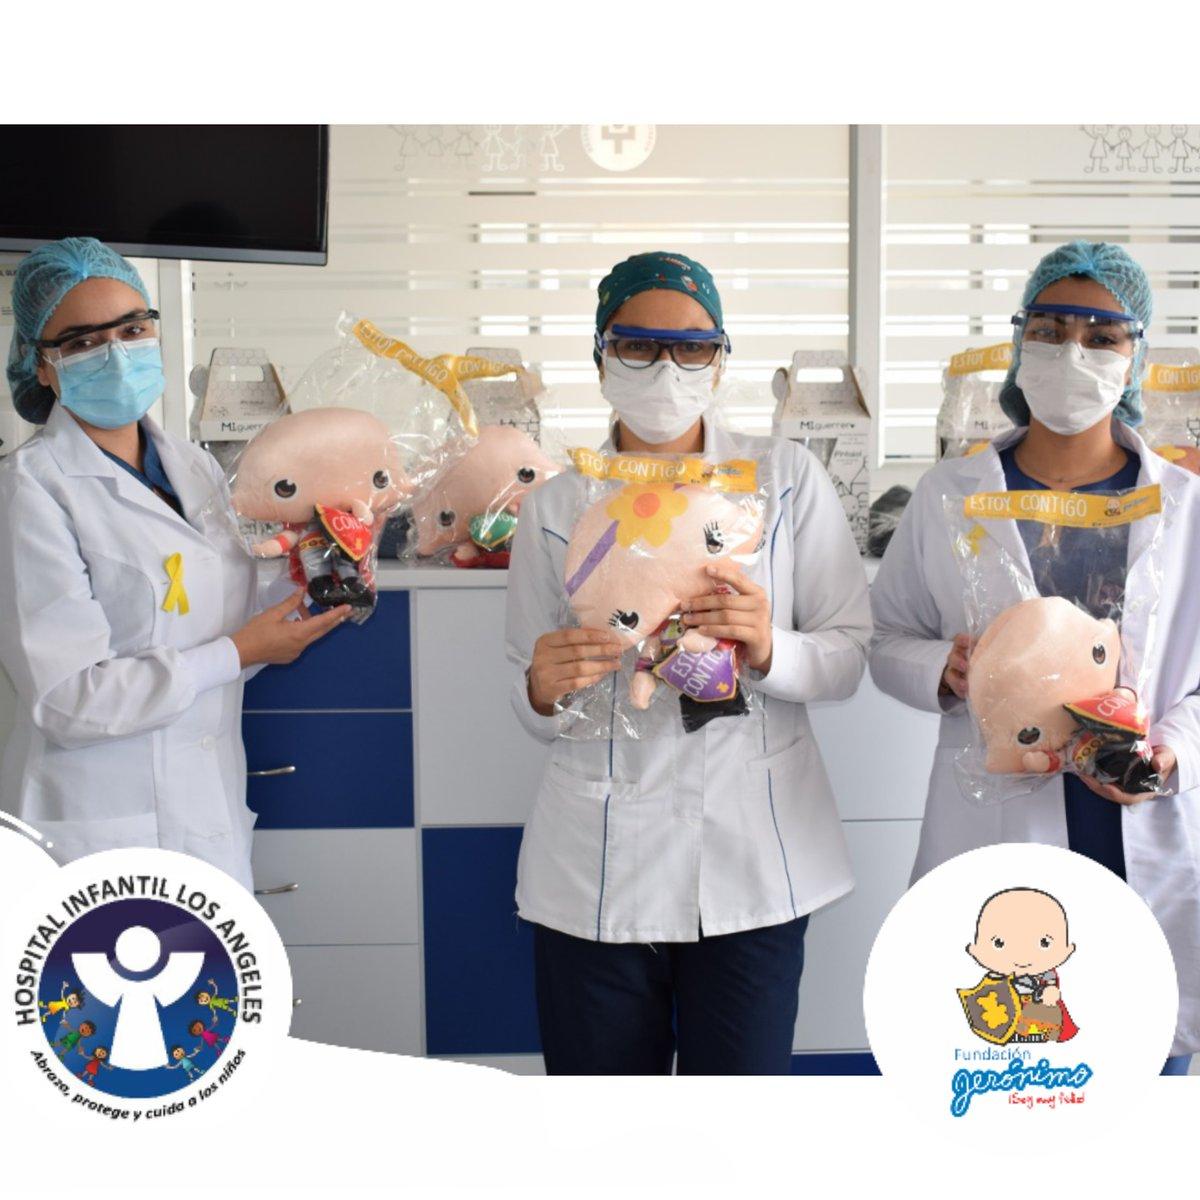 Nuestra #Rutafeliz desde el Hospital Infantil los Ángeles en la ciudad de Pasto. Elequipo de oncología pediátrica nos comparte un poco de la alegría entregada la semana pasada en la conmemoración del #diainternacionaldelcancerinfantil 🎗️